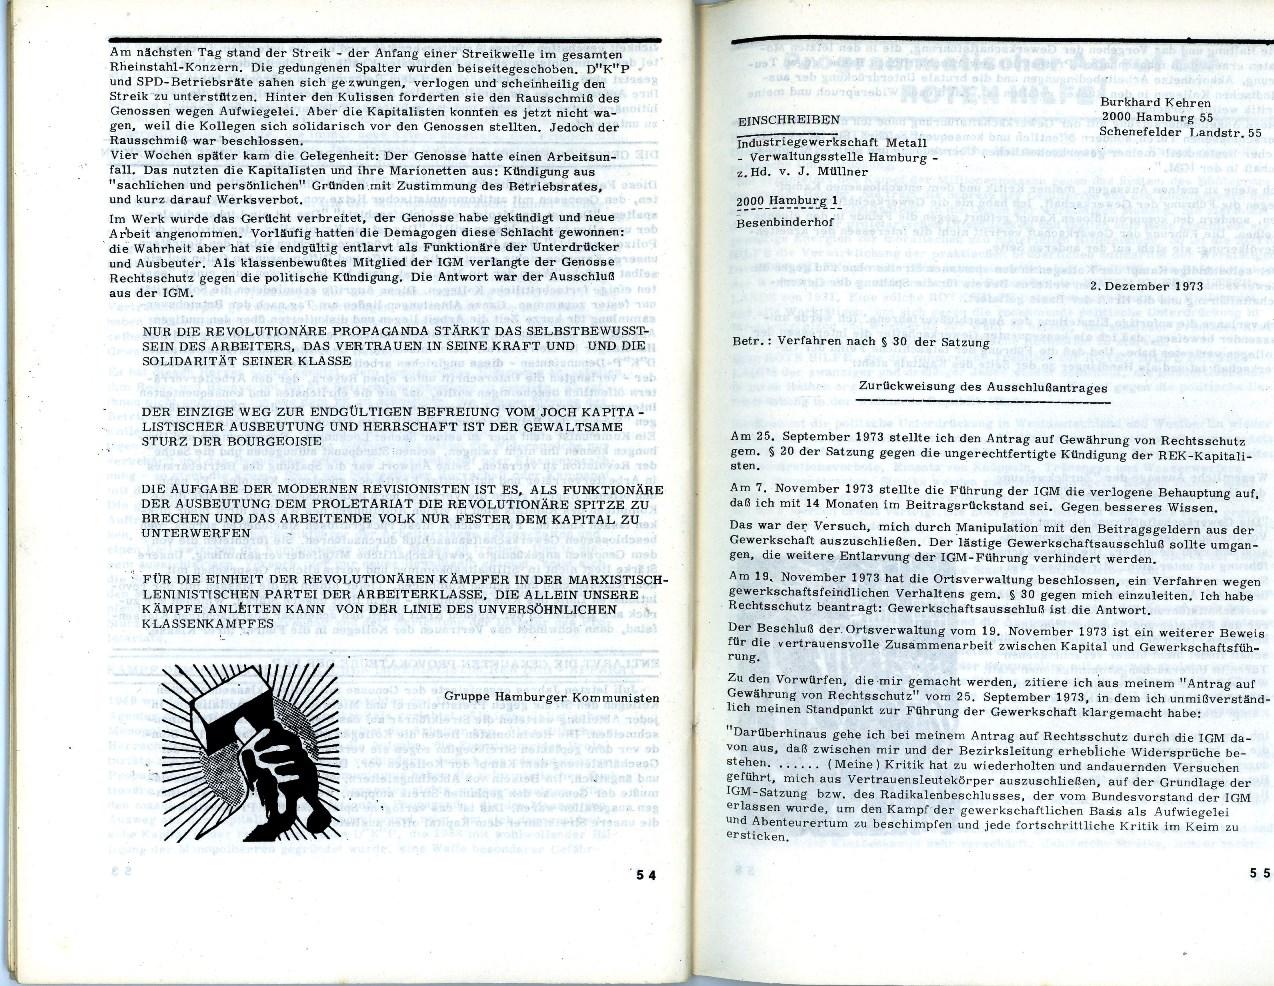 Hamburg_RH_1974_Politische_Entlassungen_29